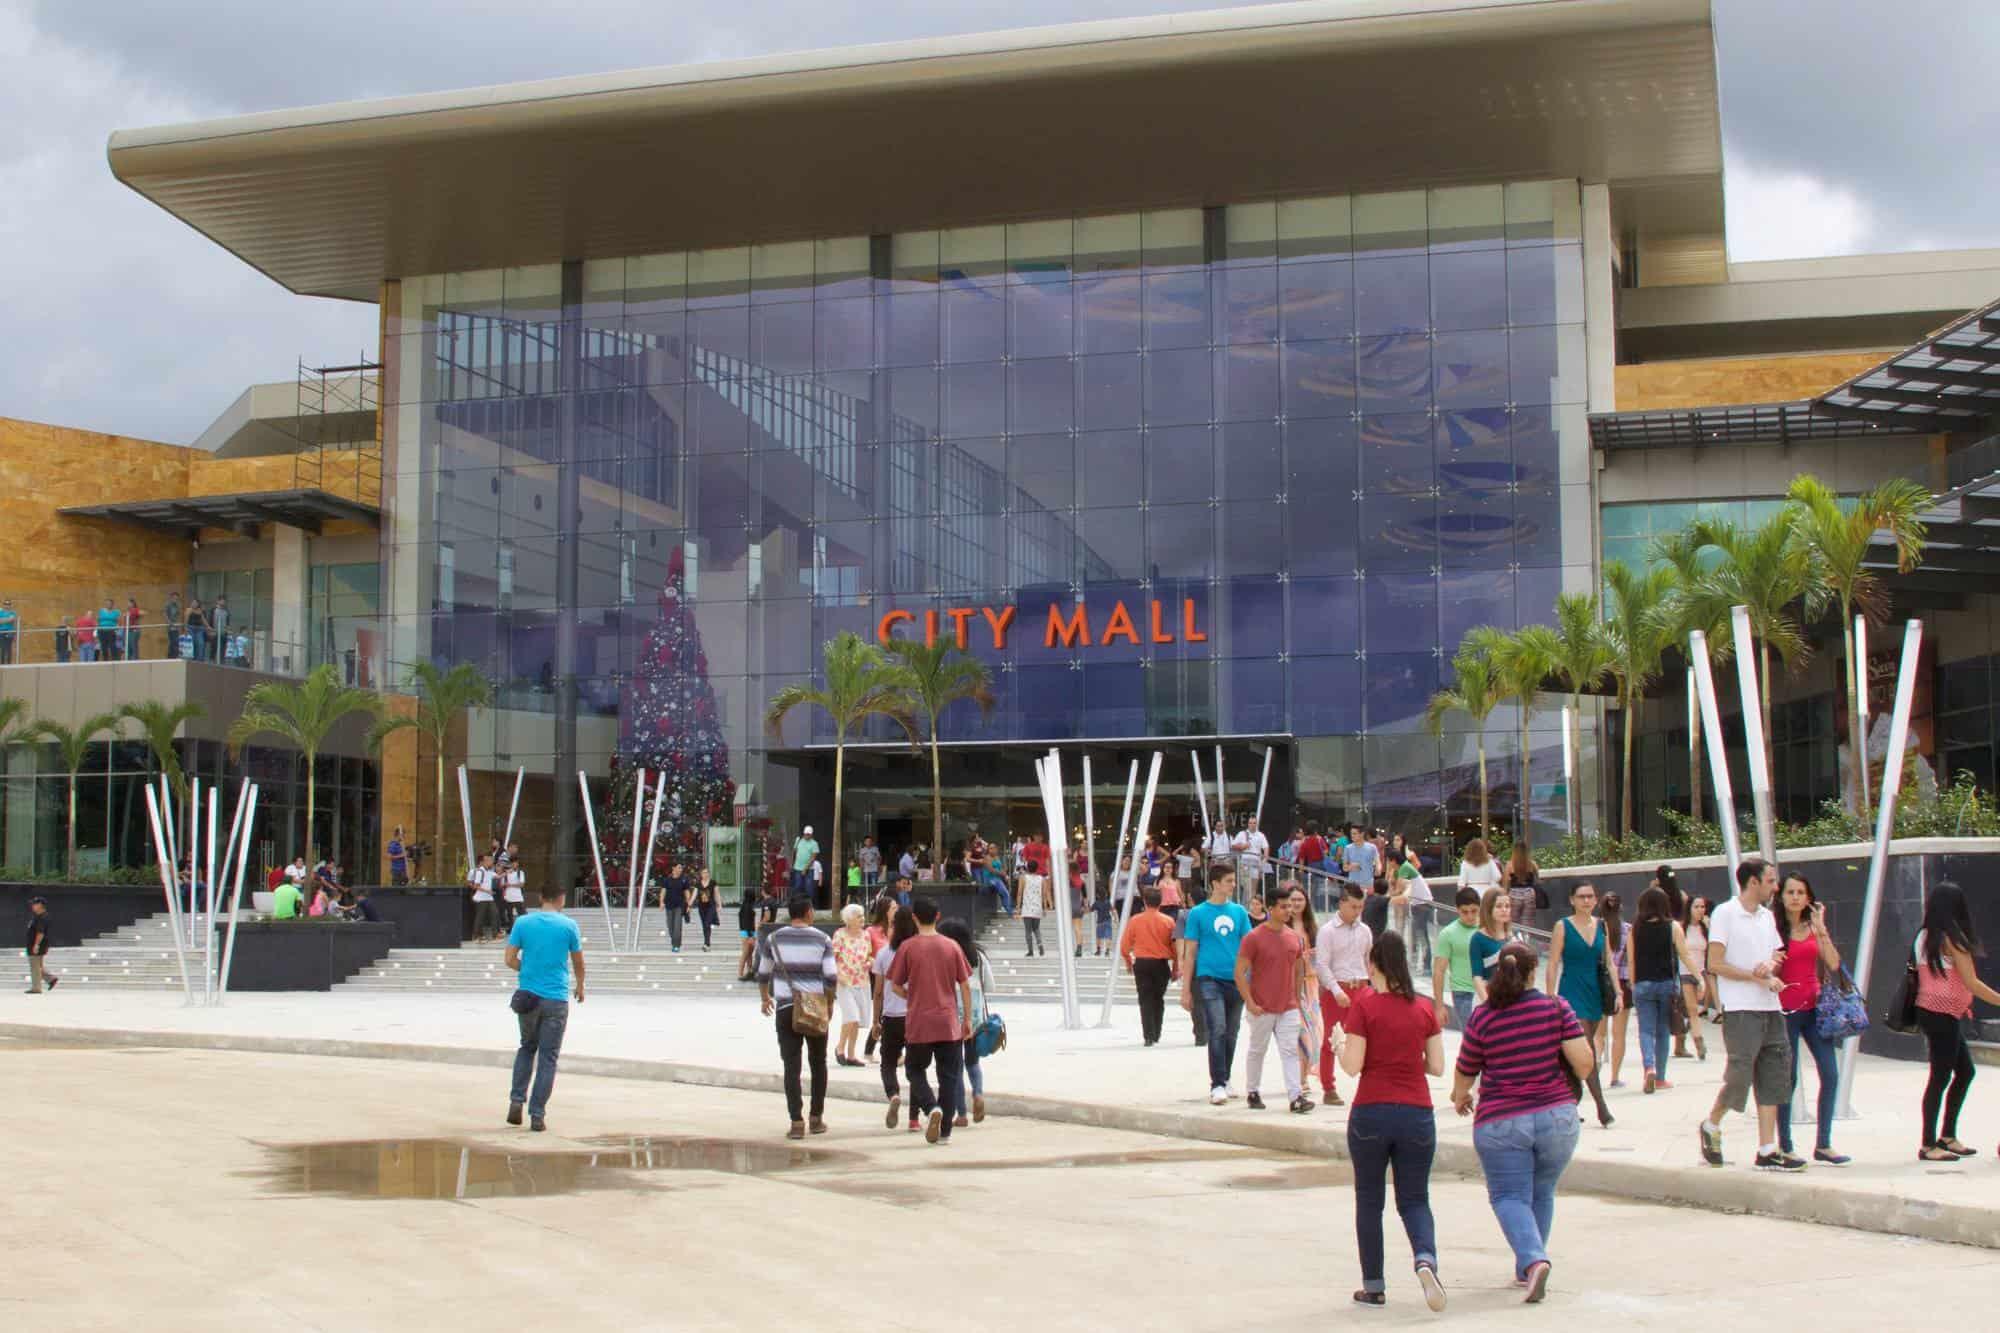 City Mall, Costa Rica